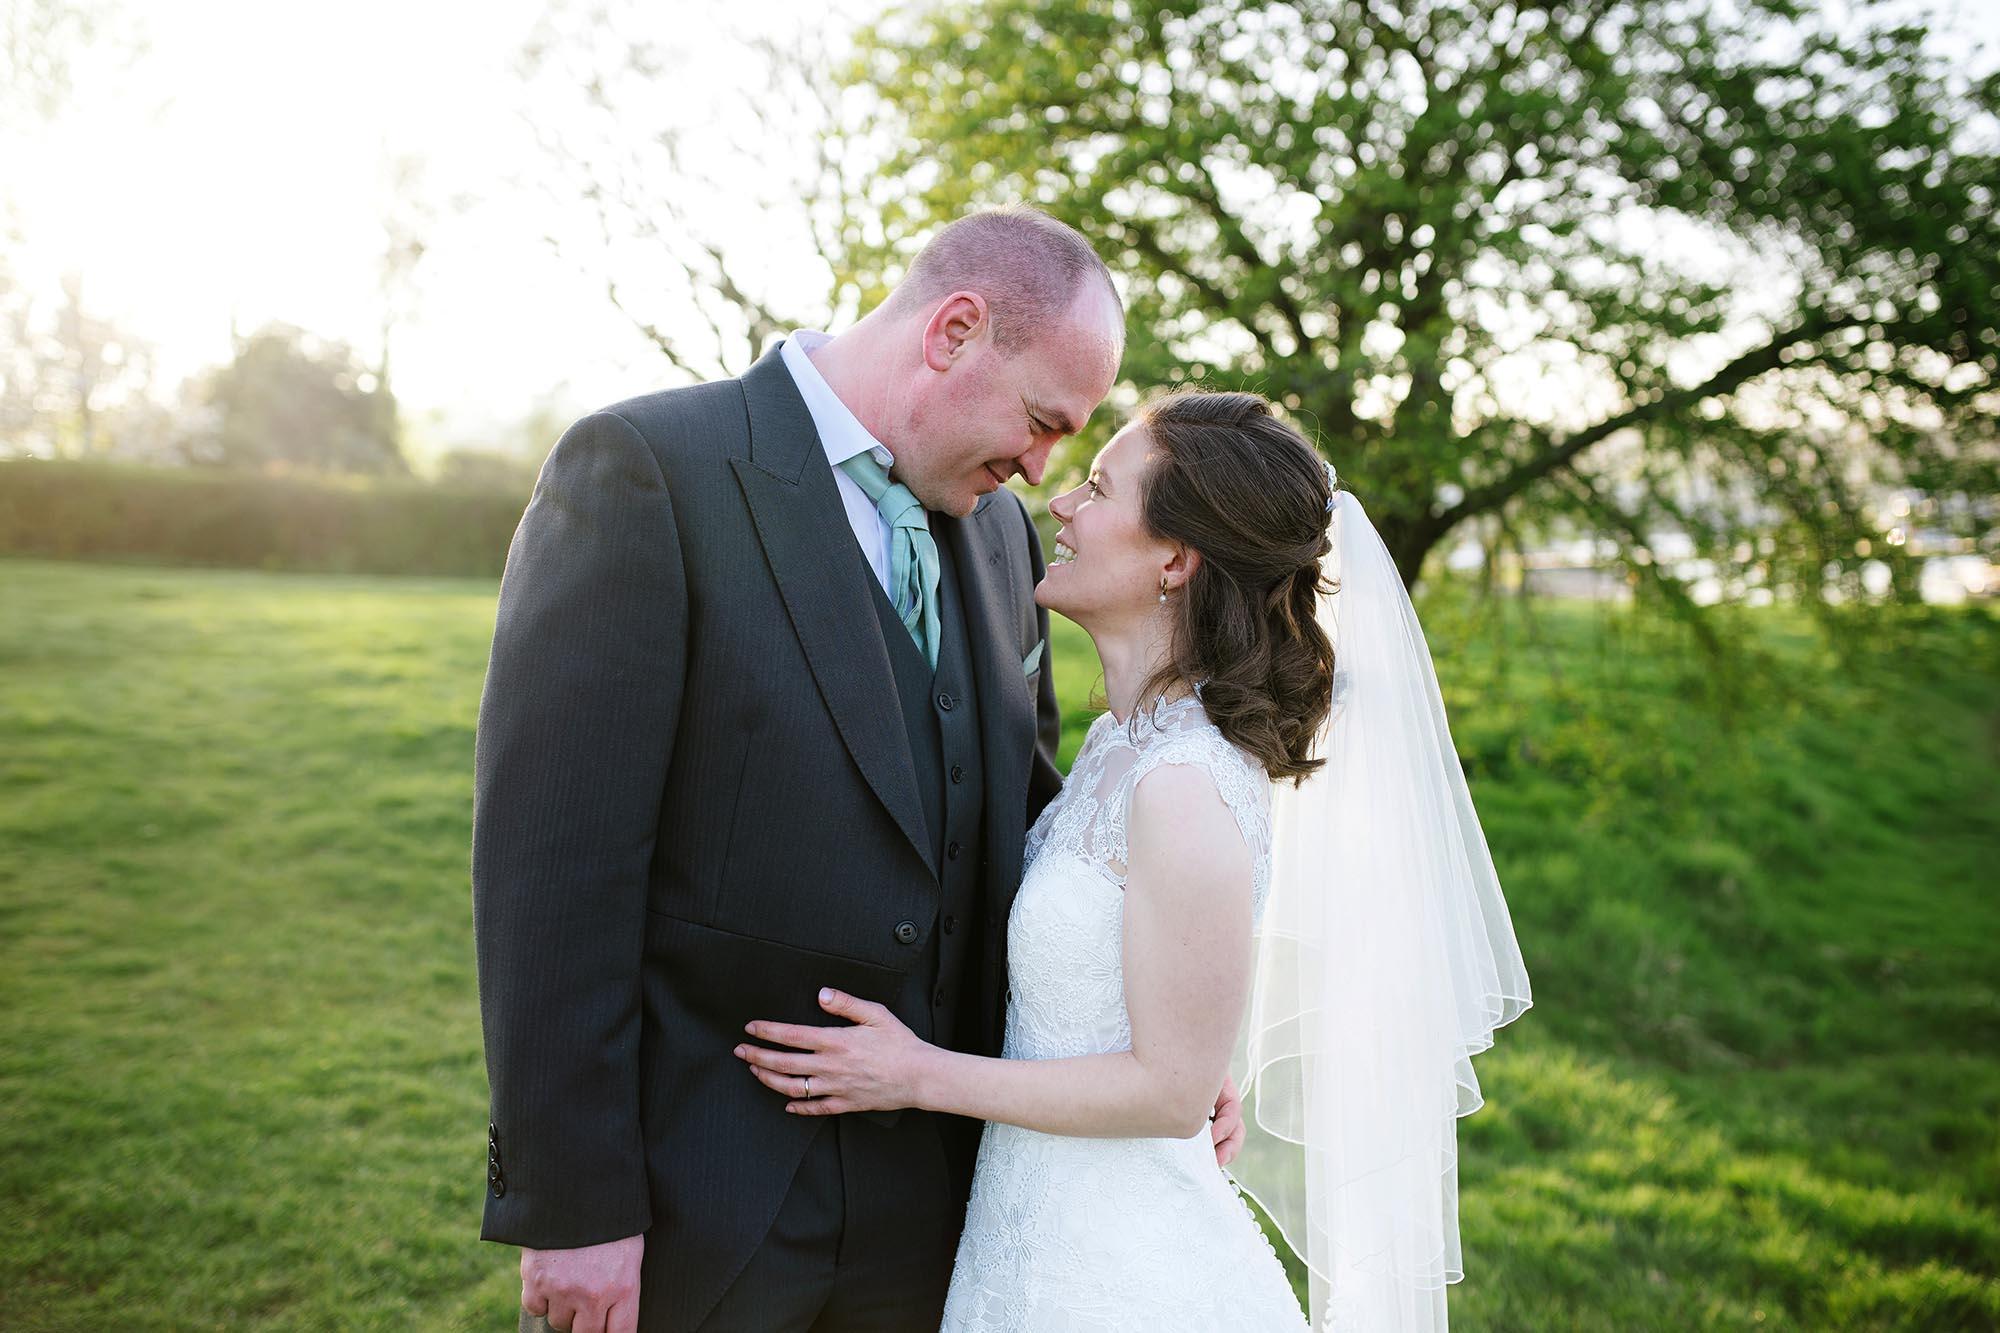 Sarah Williams wedding photography